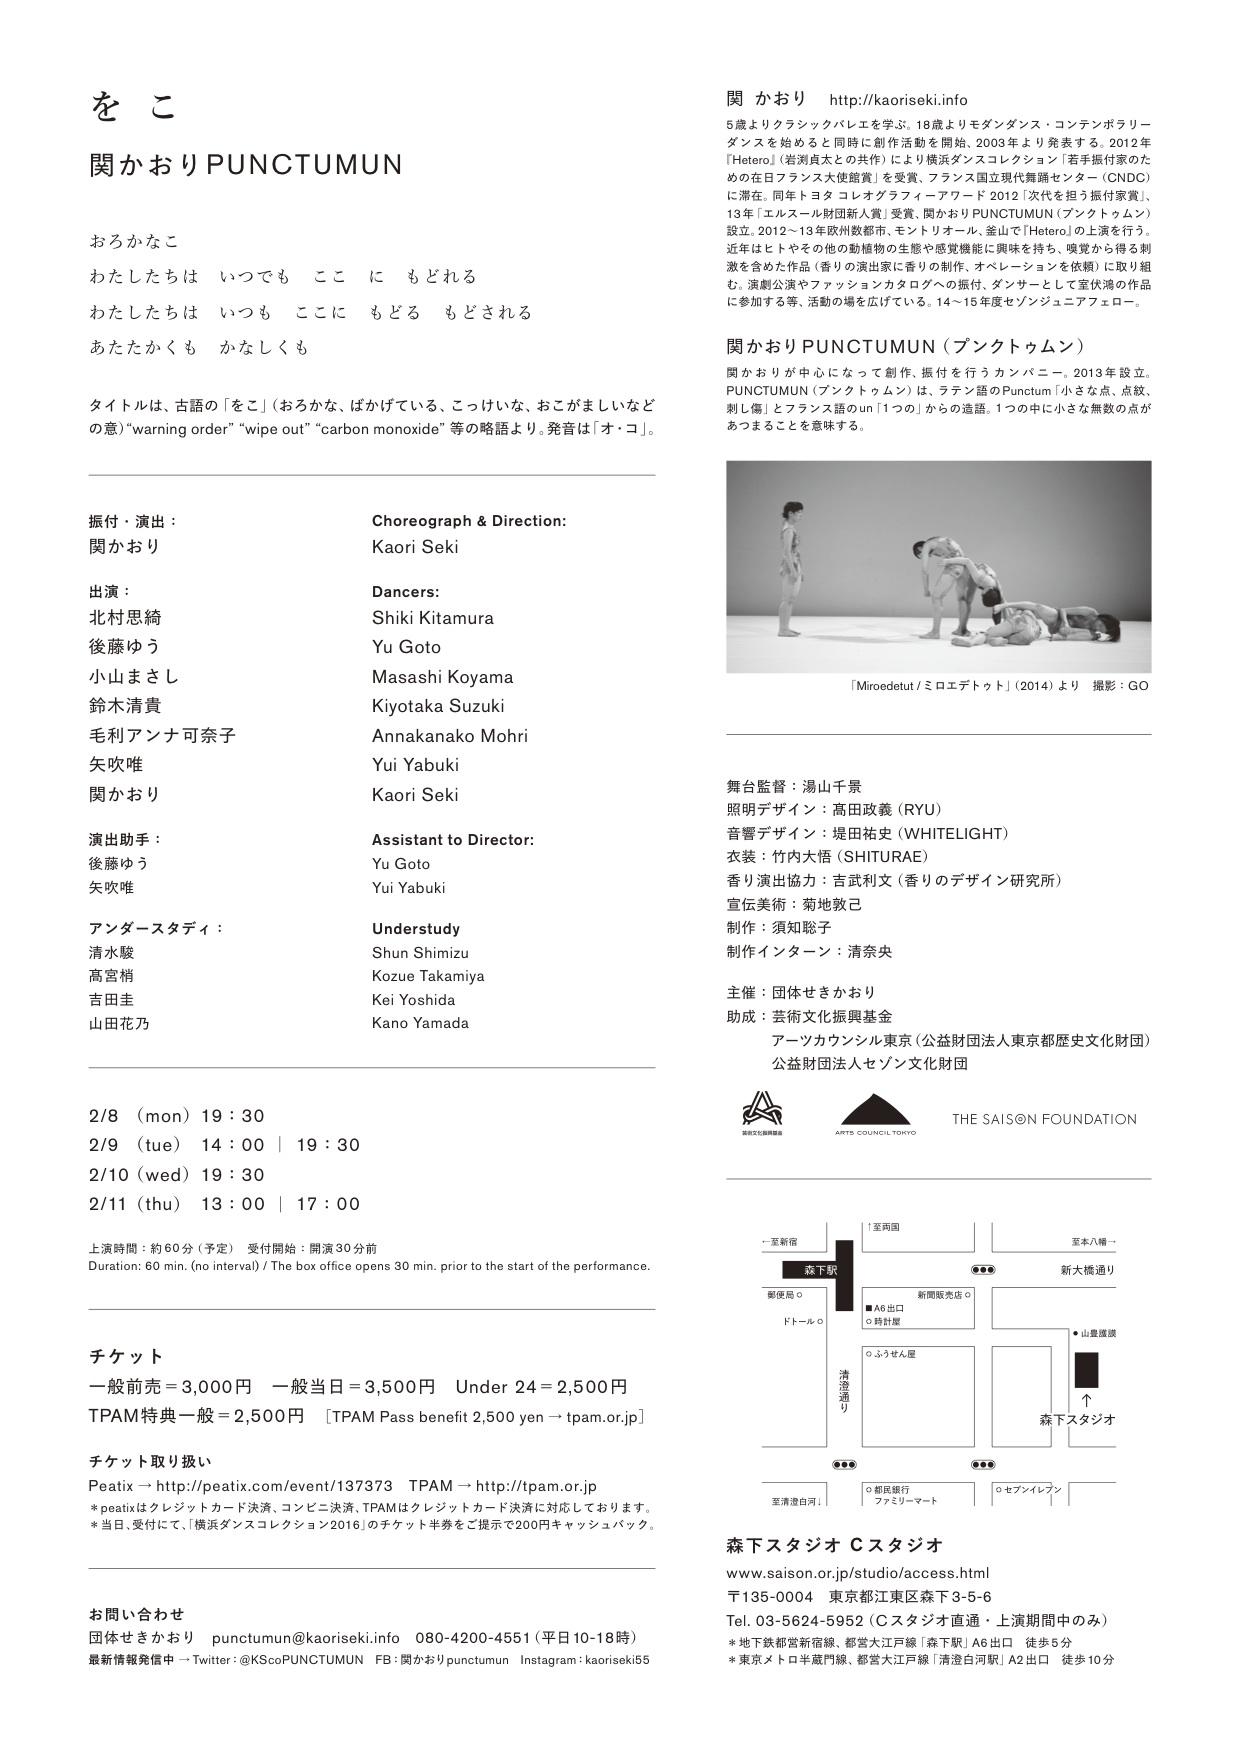 関かおりPUNCTUMUN新作公演『を こ』←終了しました。